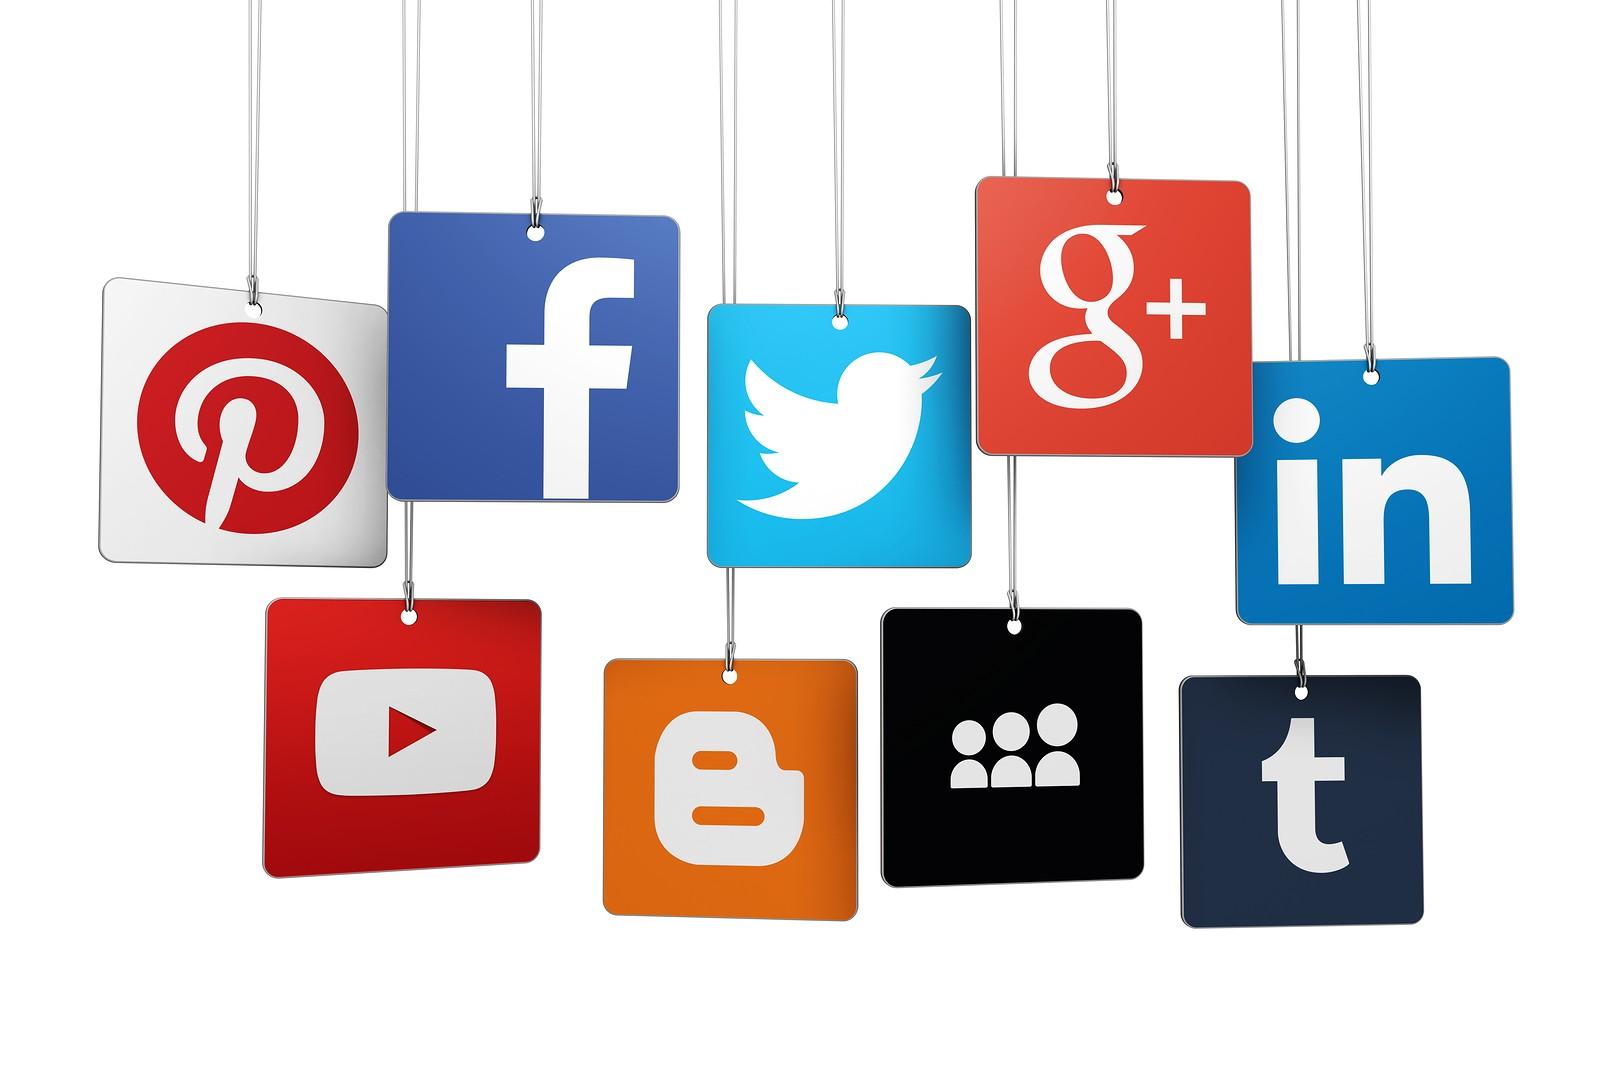 Logos of Social Media Networks